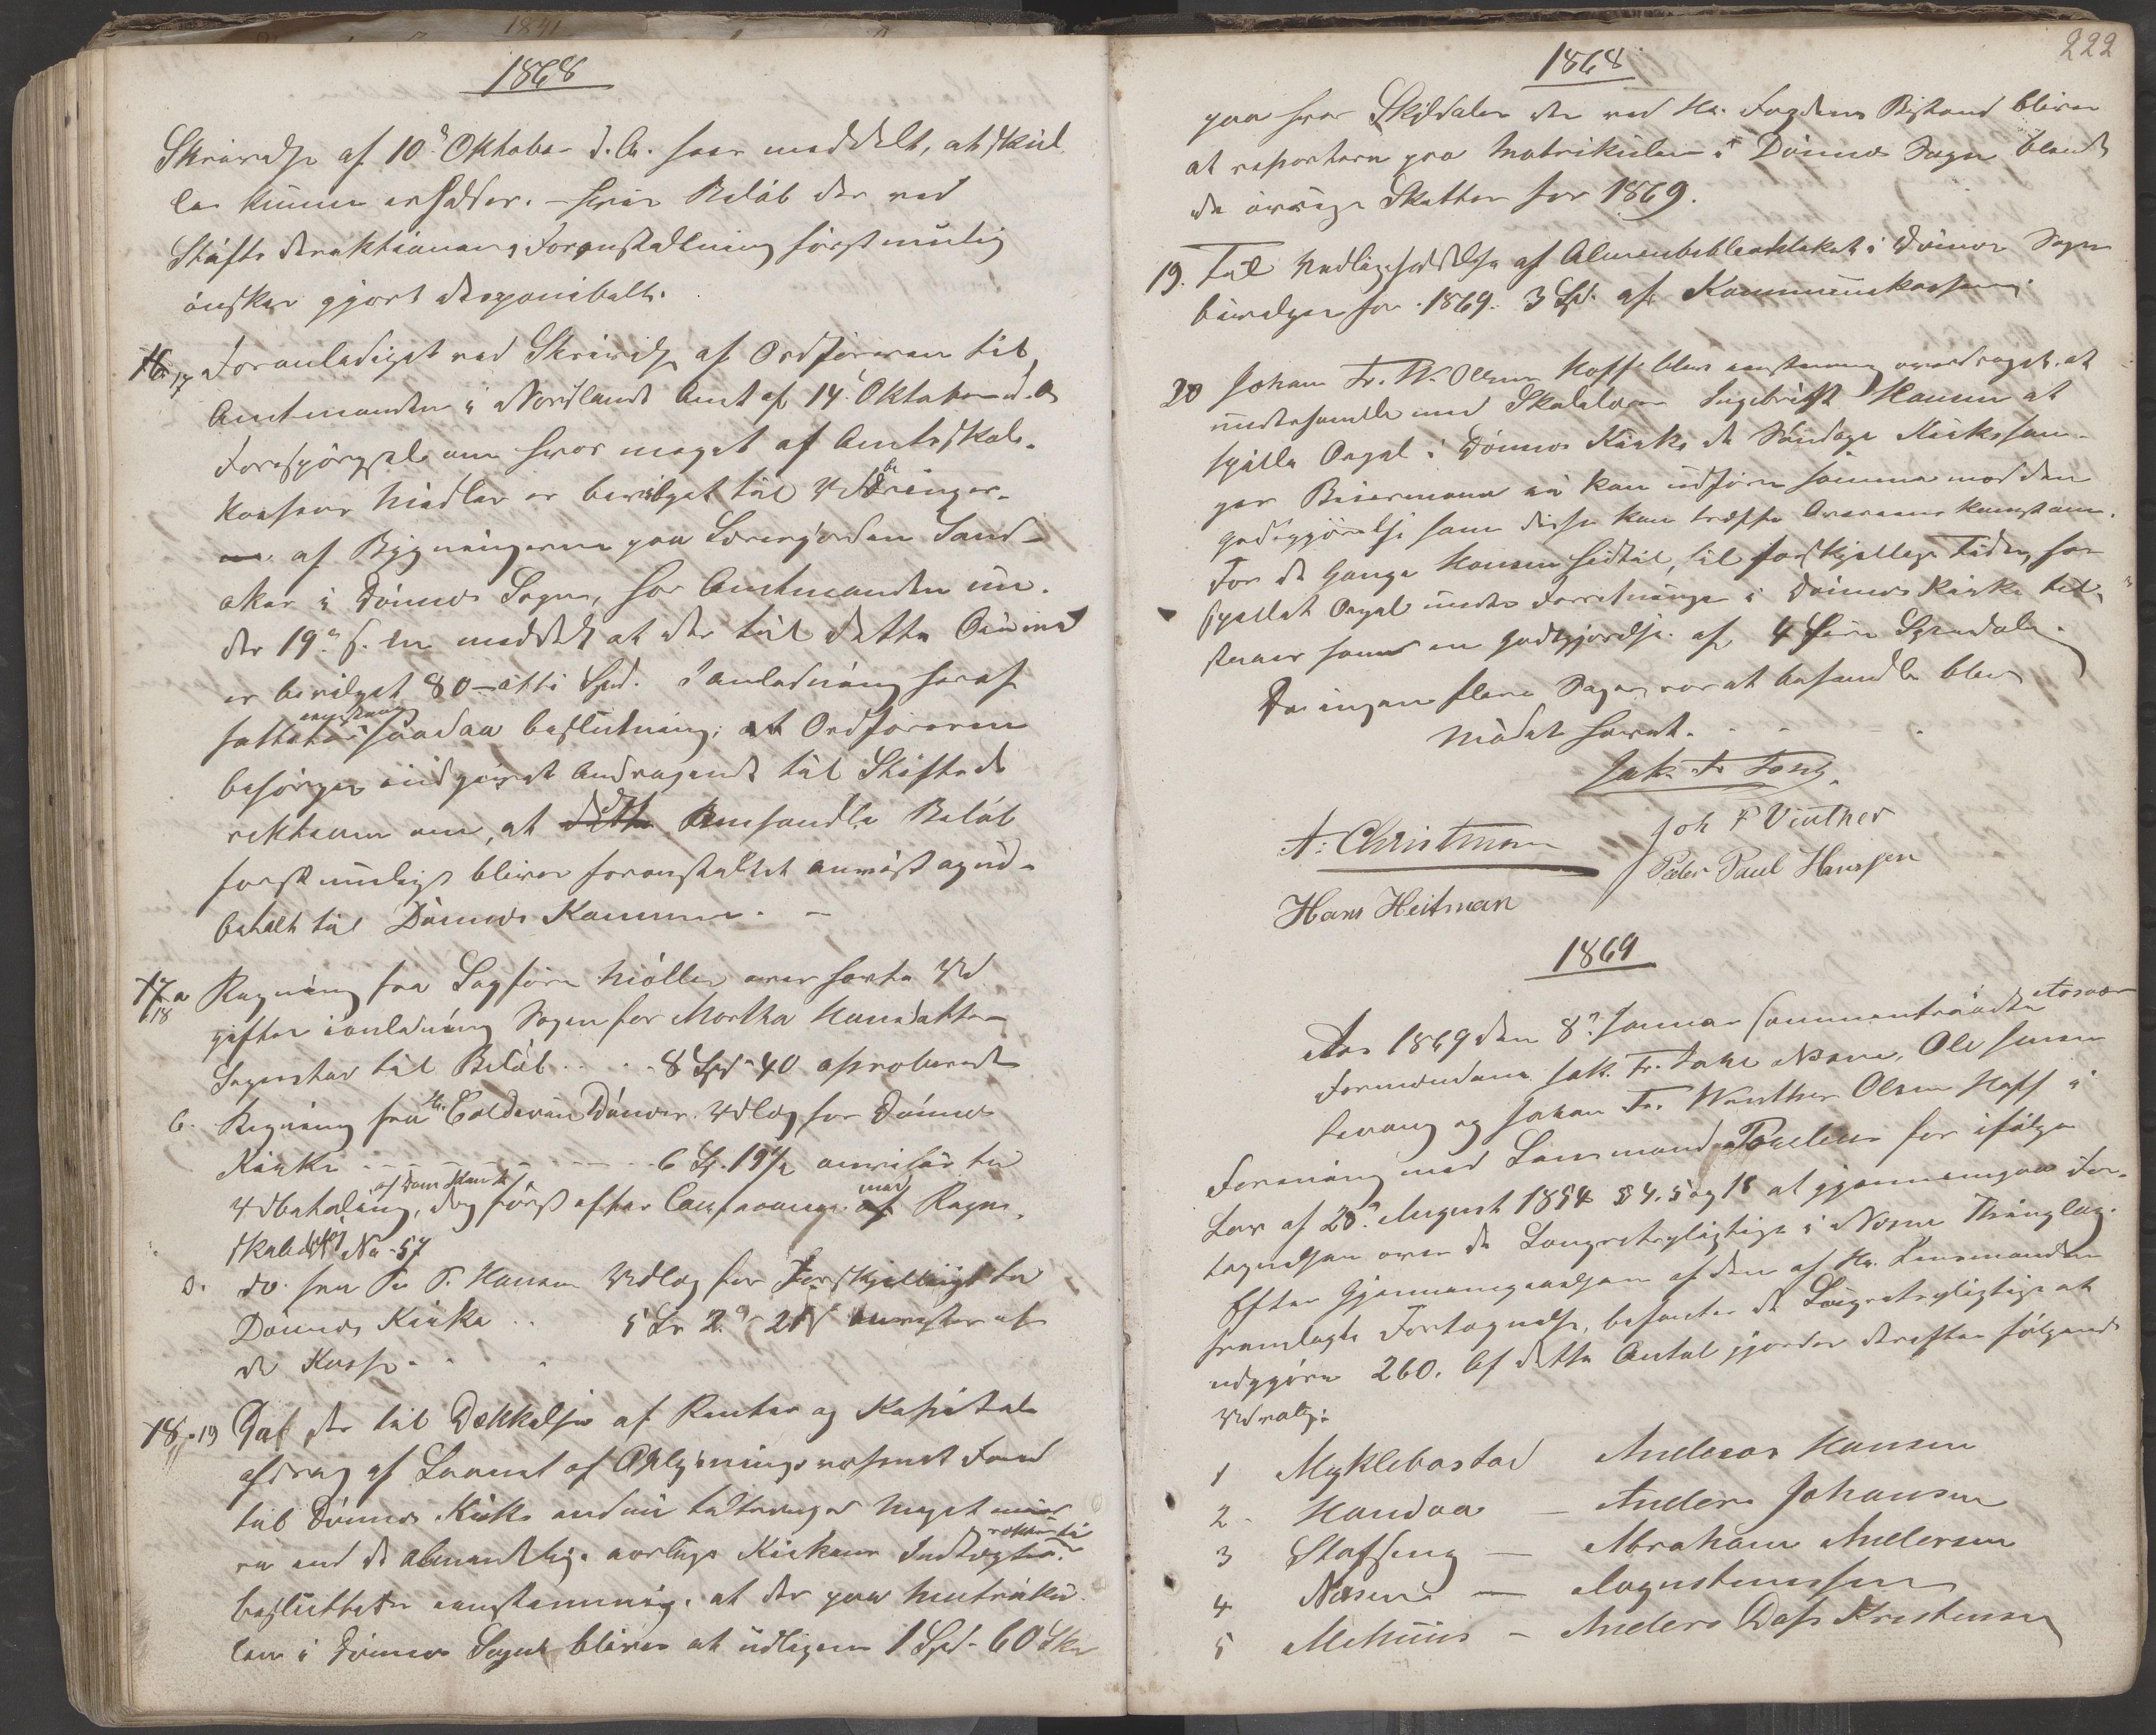 AIN, Nesna kommune. Formannskapet, 100/L0001: Møtebok, 1838-1873, s. 222